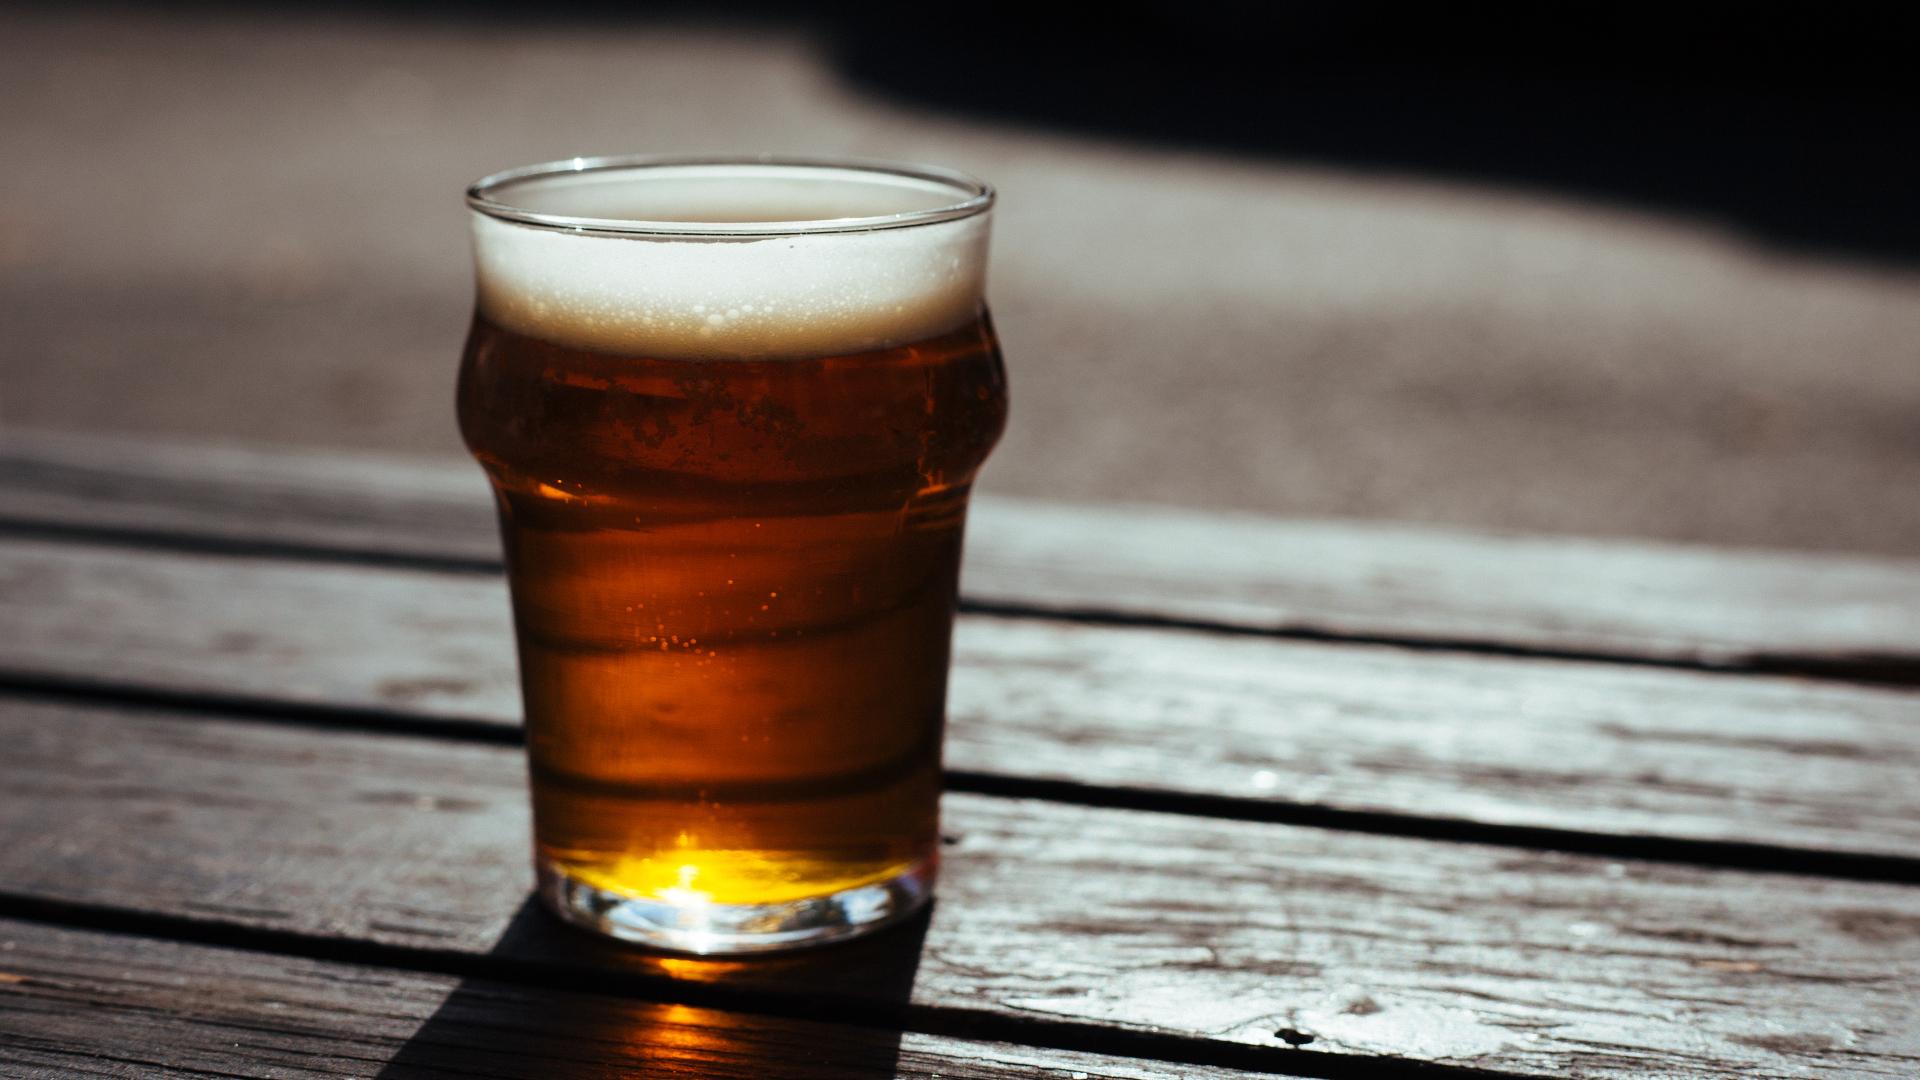 Los nutrientes de la cerveza 1920